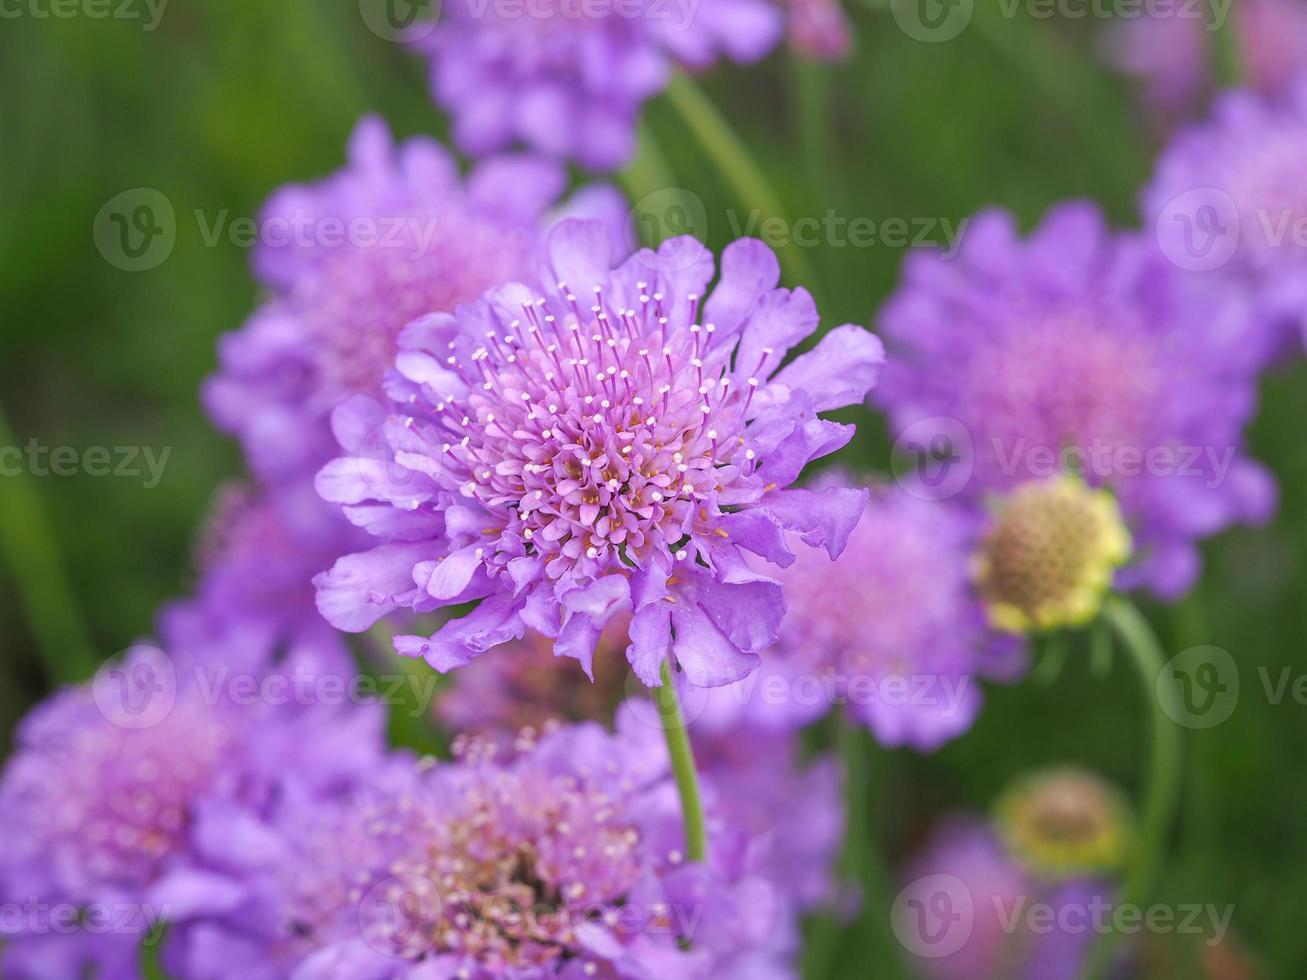 fiori scabbia malva foto